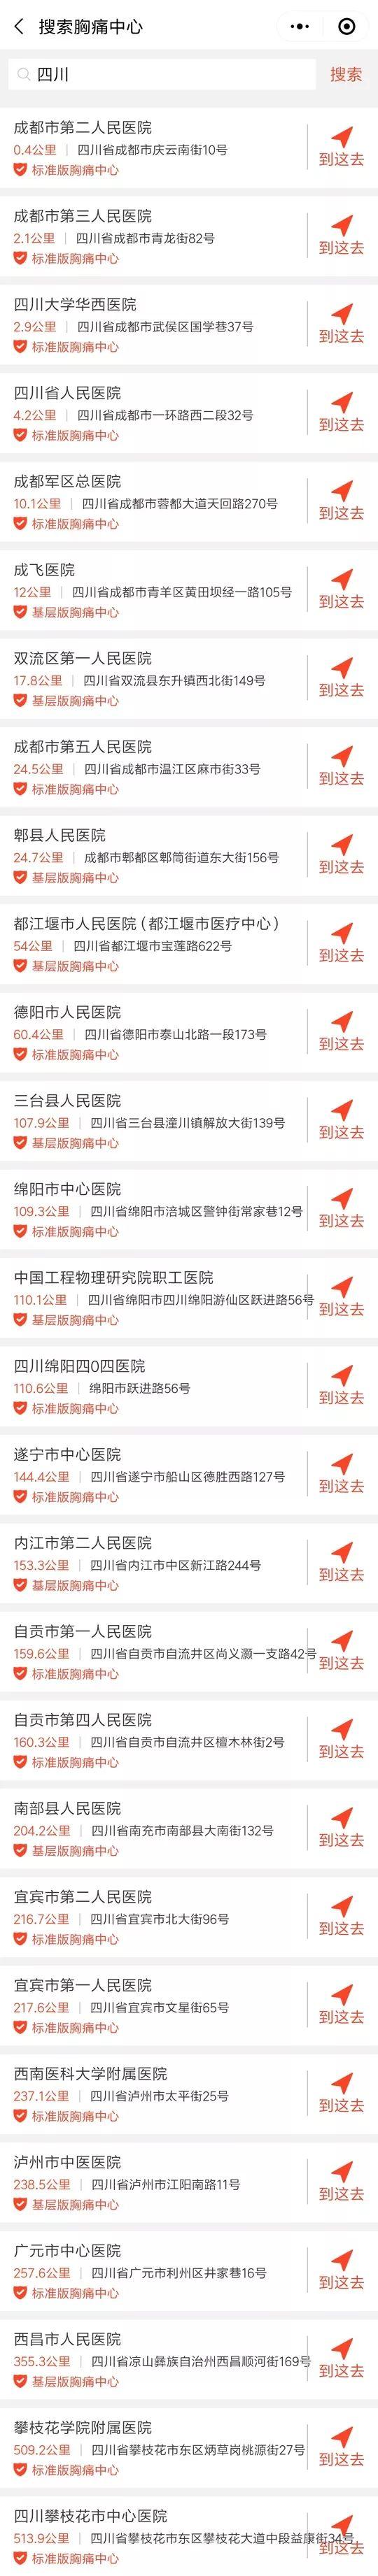 中国胸痛中心急救地图出炉 四川华西医院等28家在列附名单